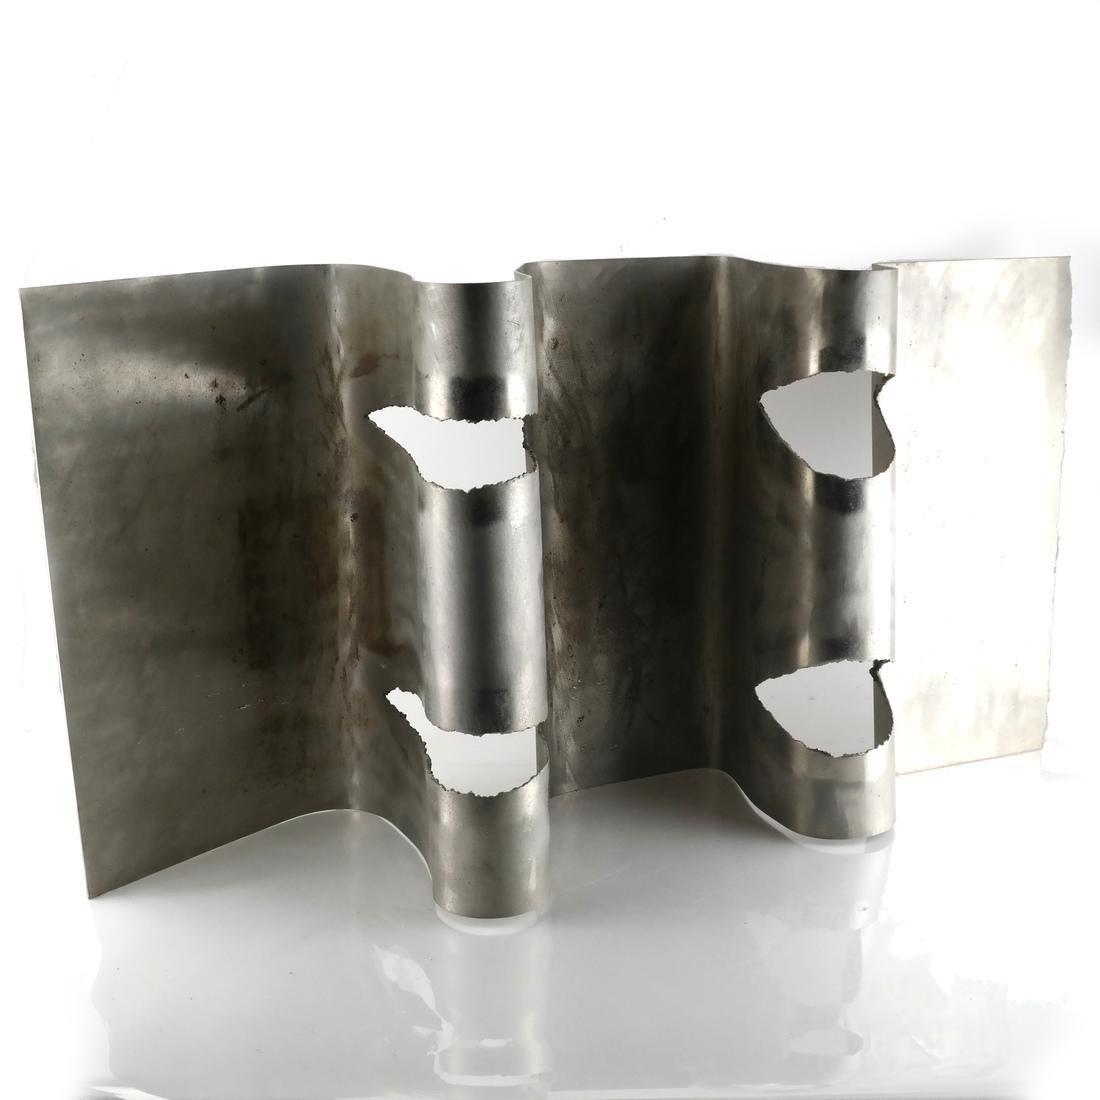 Lila Katzen Steel Sculpture